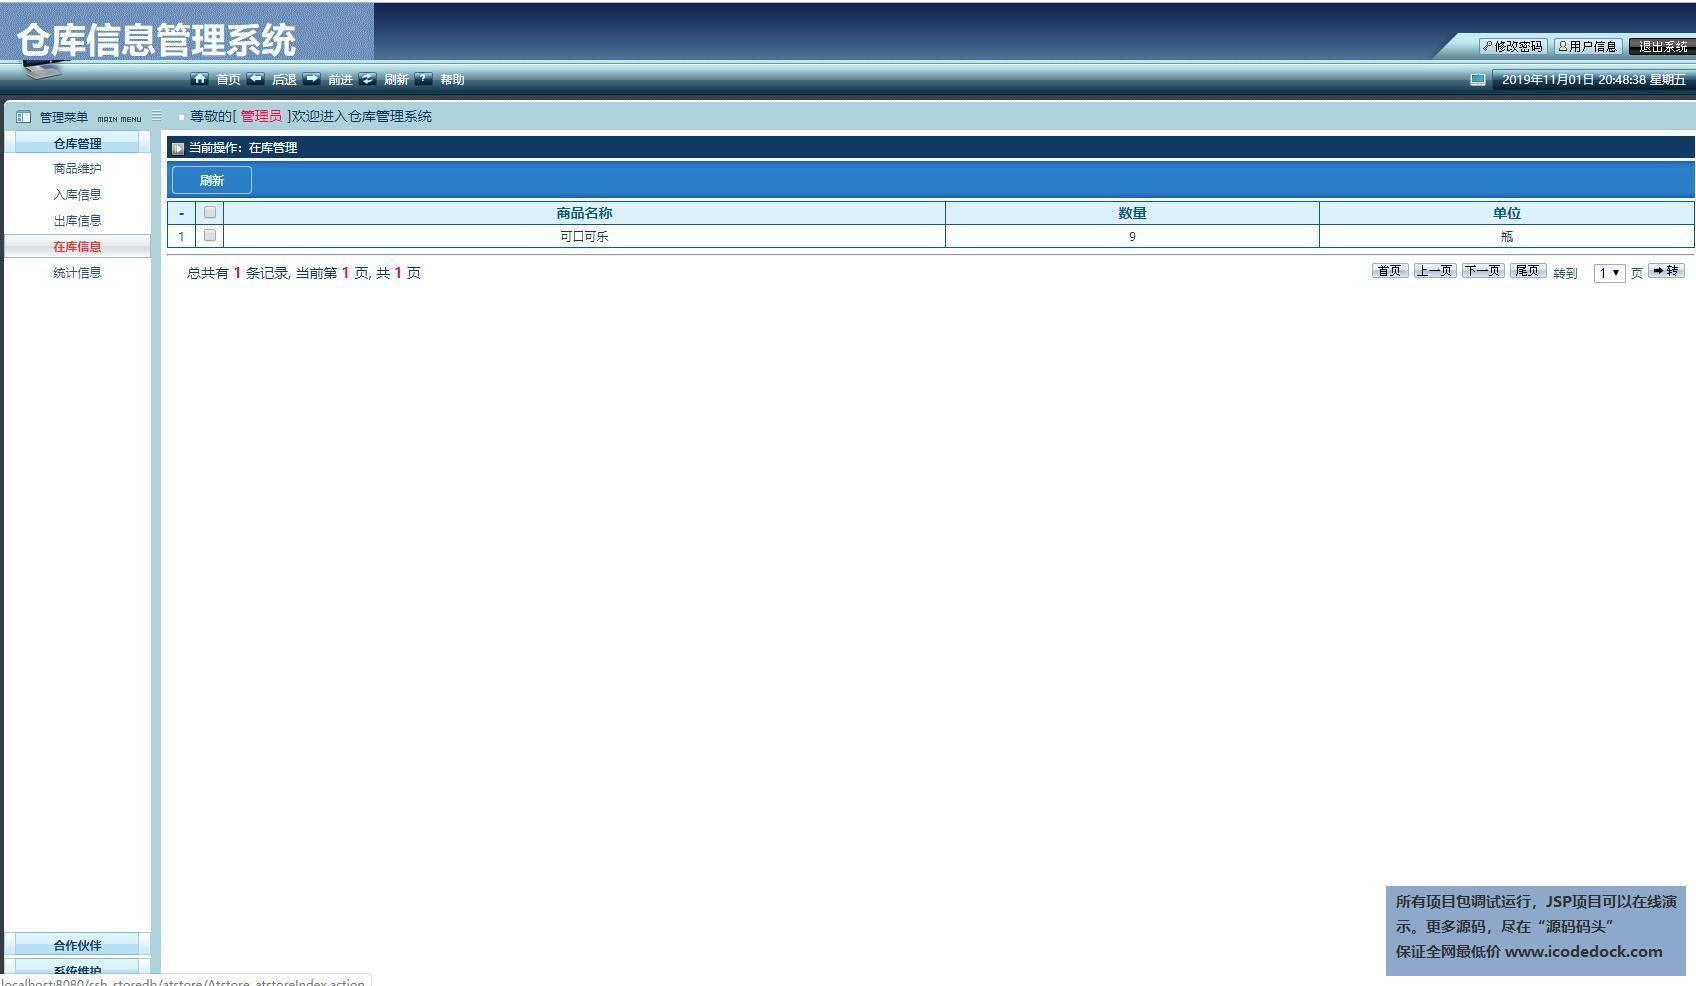 源码码头-SSH仓储管理系统-管理员角色-在库信息